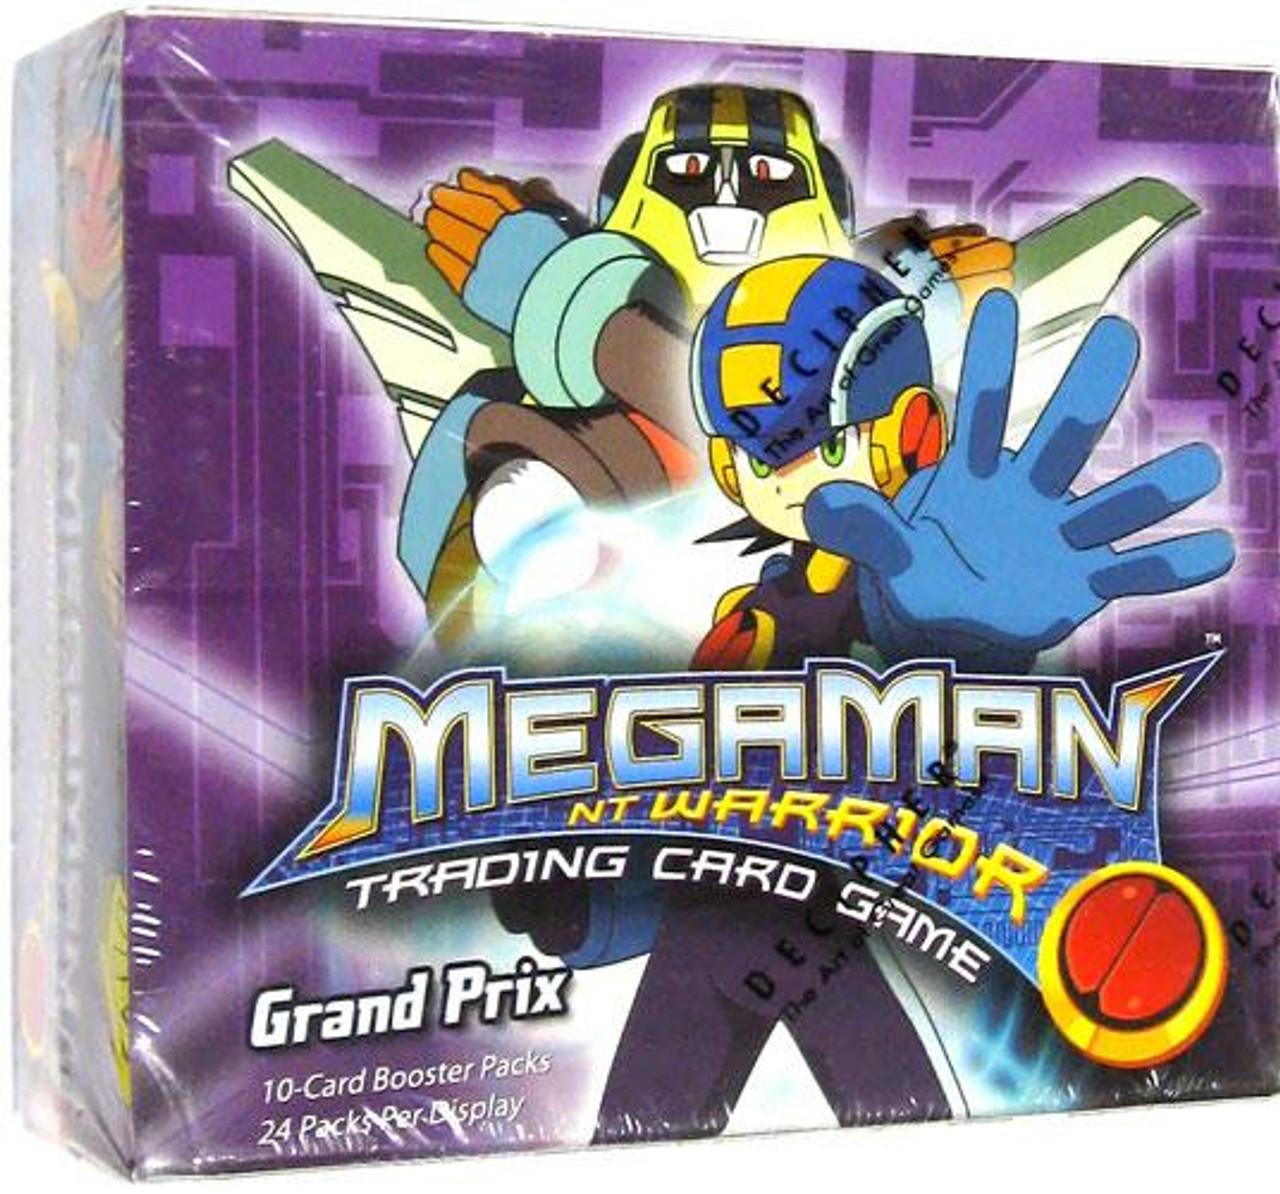 Mega Man NT Warrior Grand Prix Booster Box